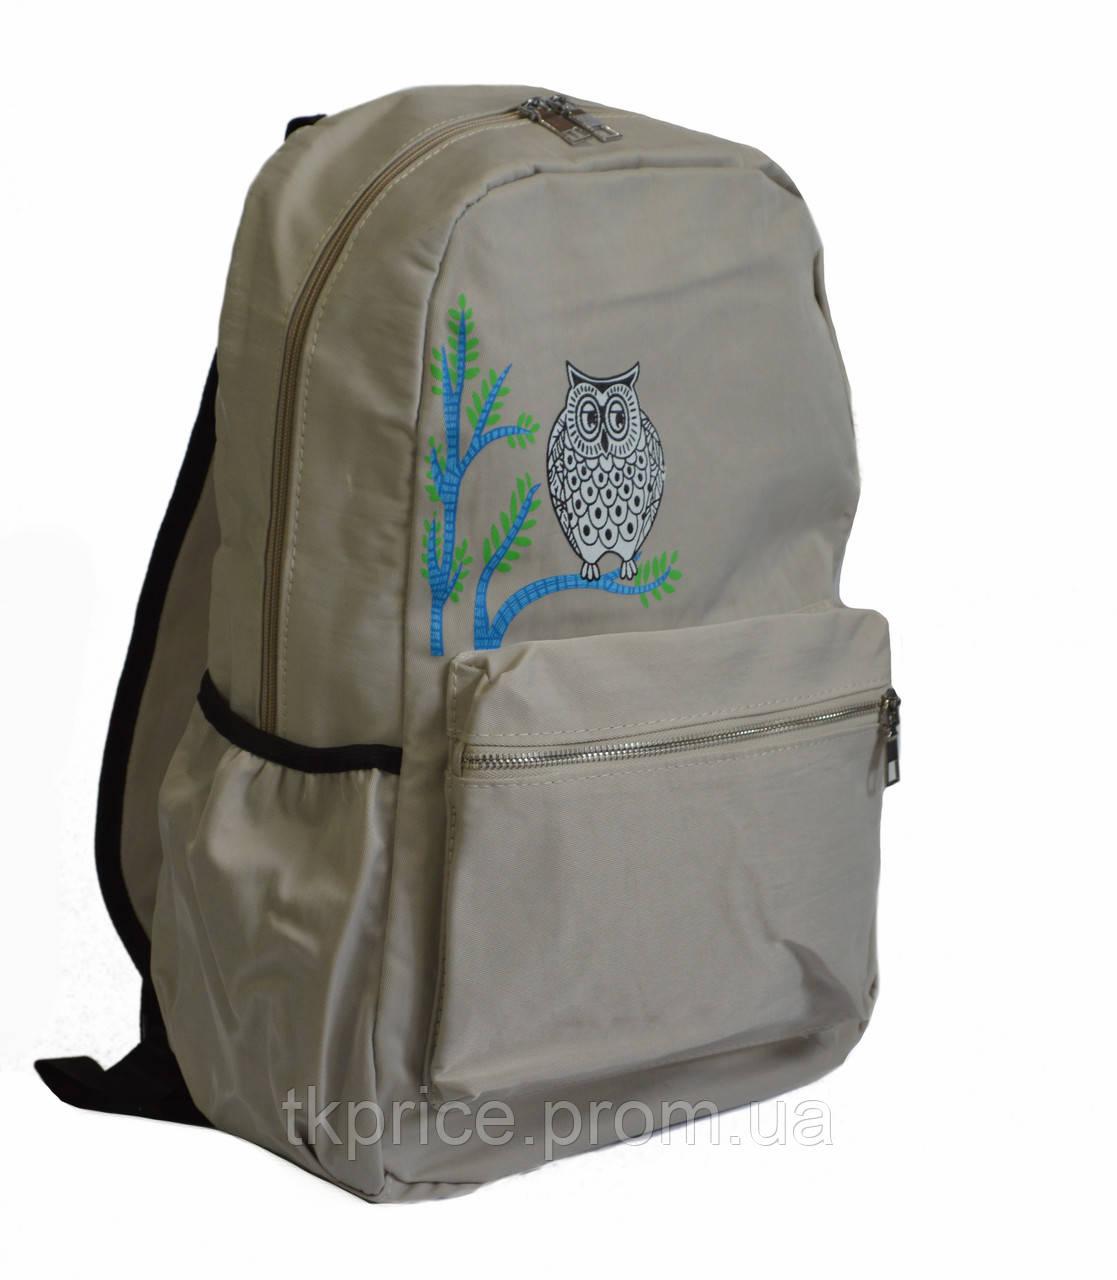 Универсальный рюкзак для школы и прогулок  с совой бежевый